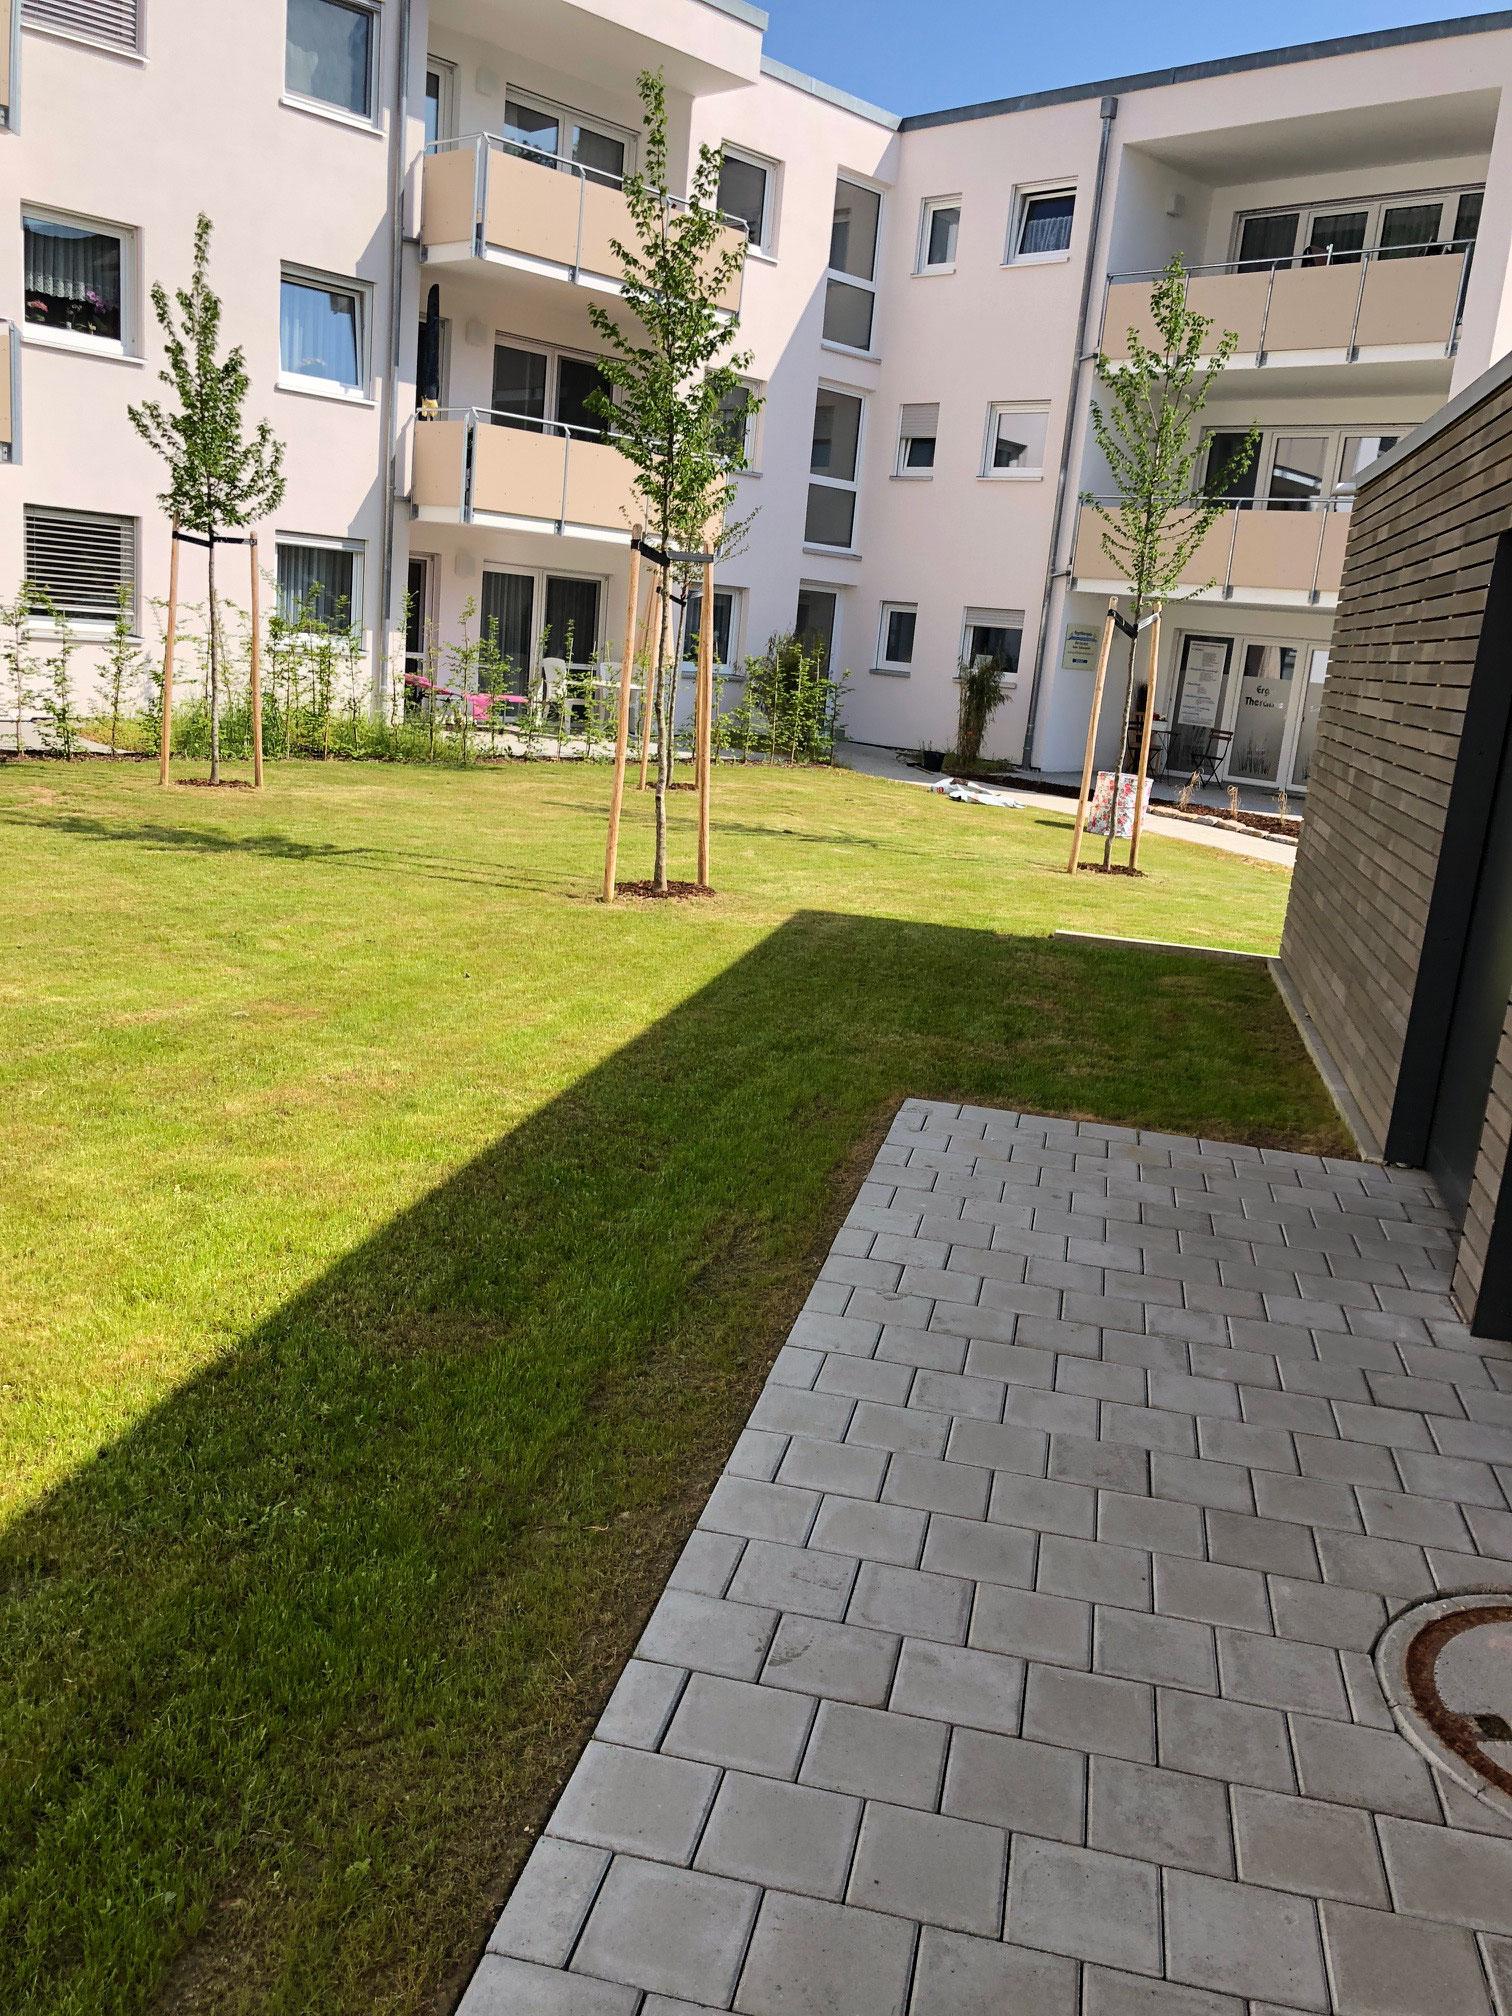 Grünflächenpflege - Wohnanlage Warthausen